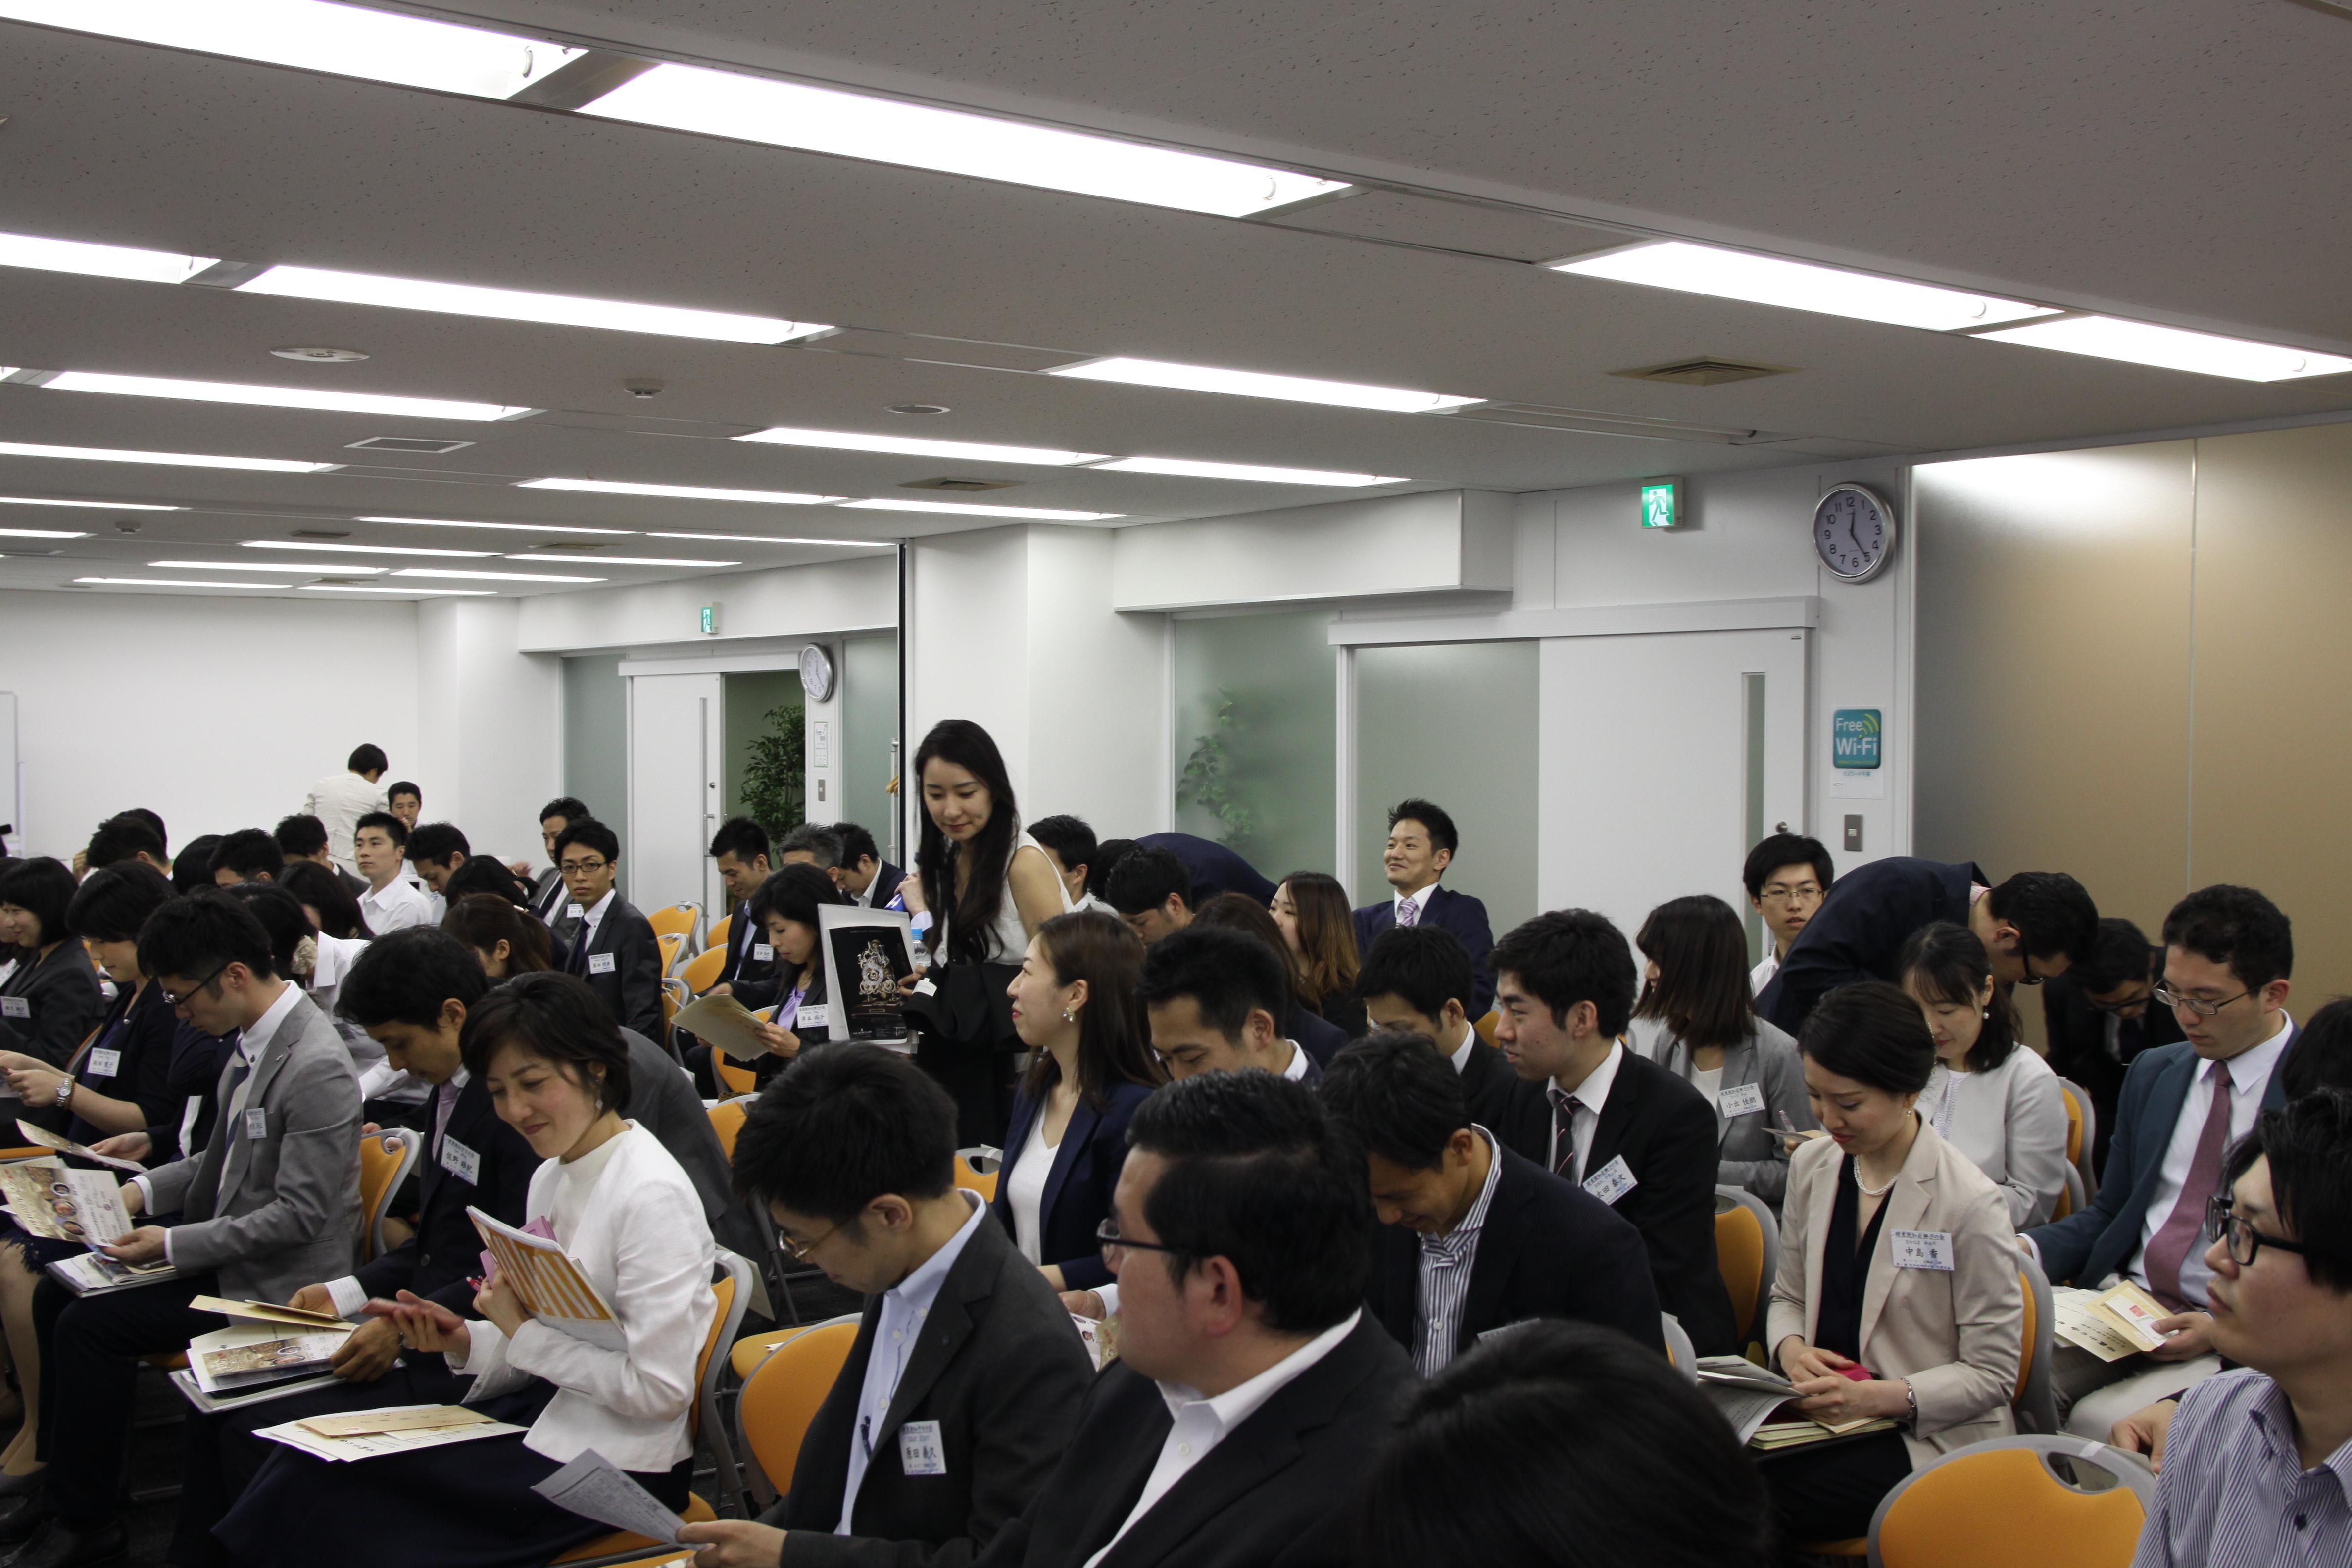 IMG 4504 - 関東若獅子の会、記念すべき第100回